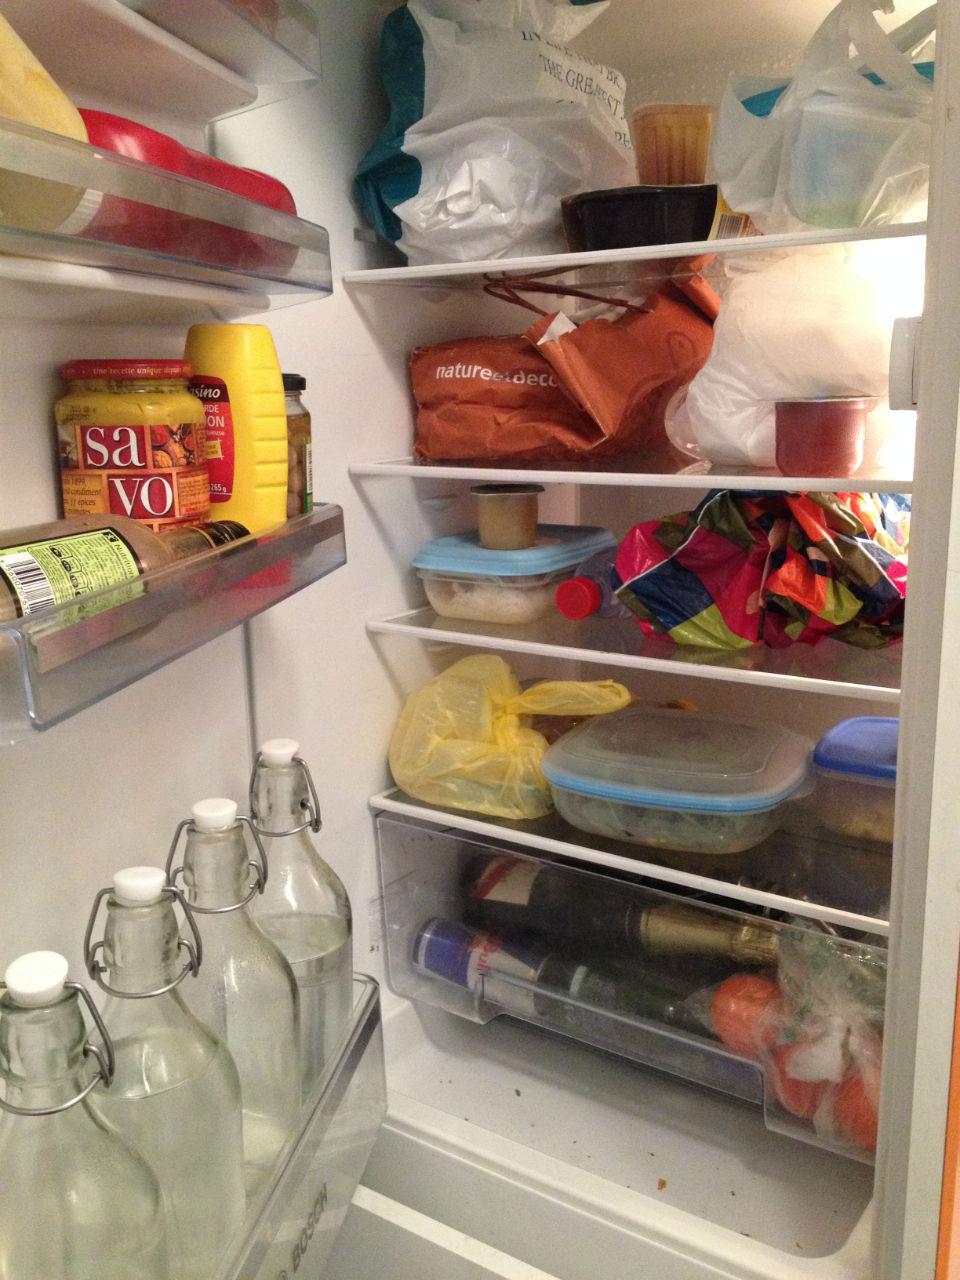 Trier et ranger son frigo pour commerncer